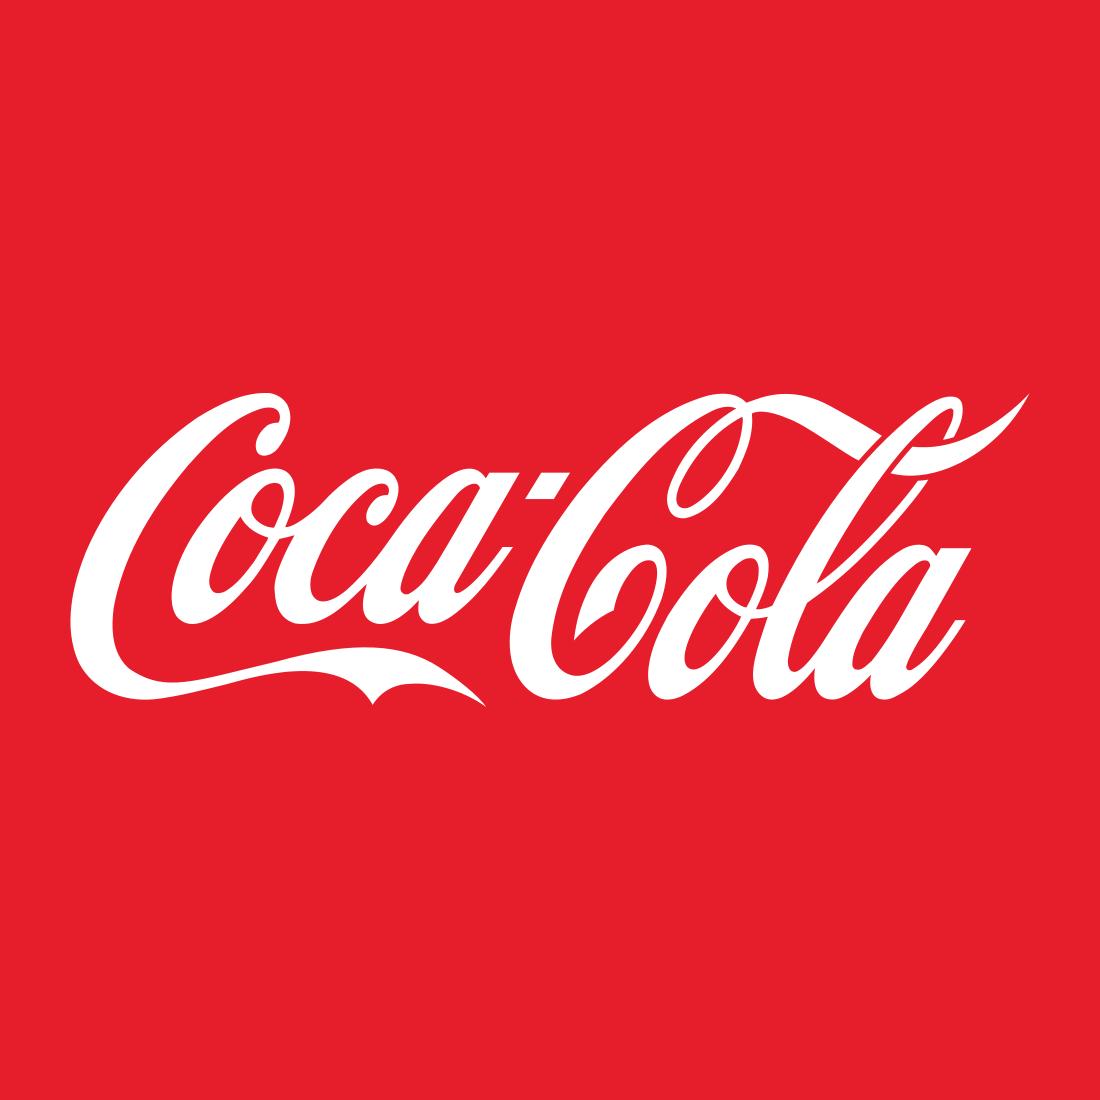 coca cola logo 8 - Coca-Cola Logo